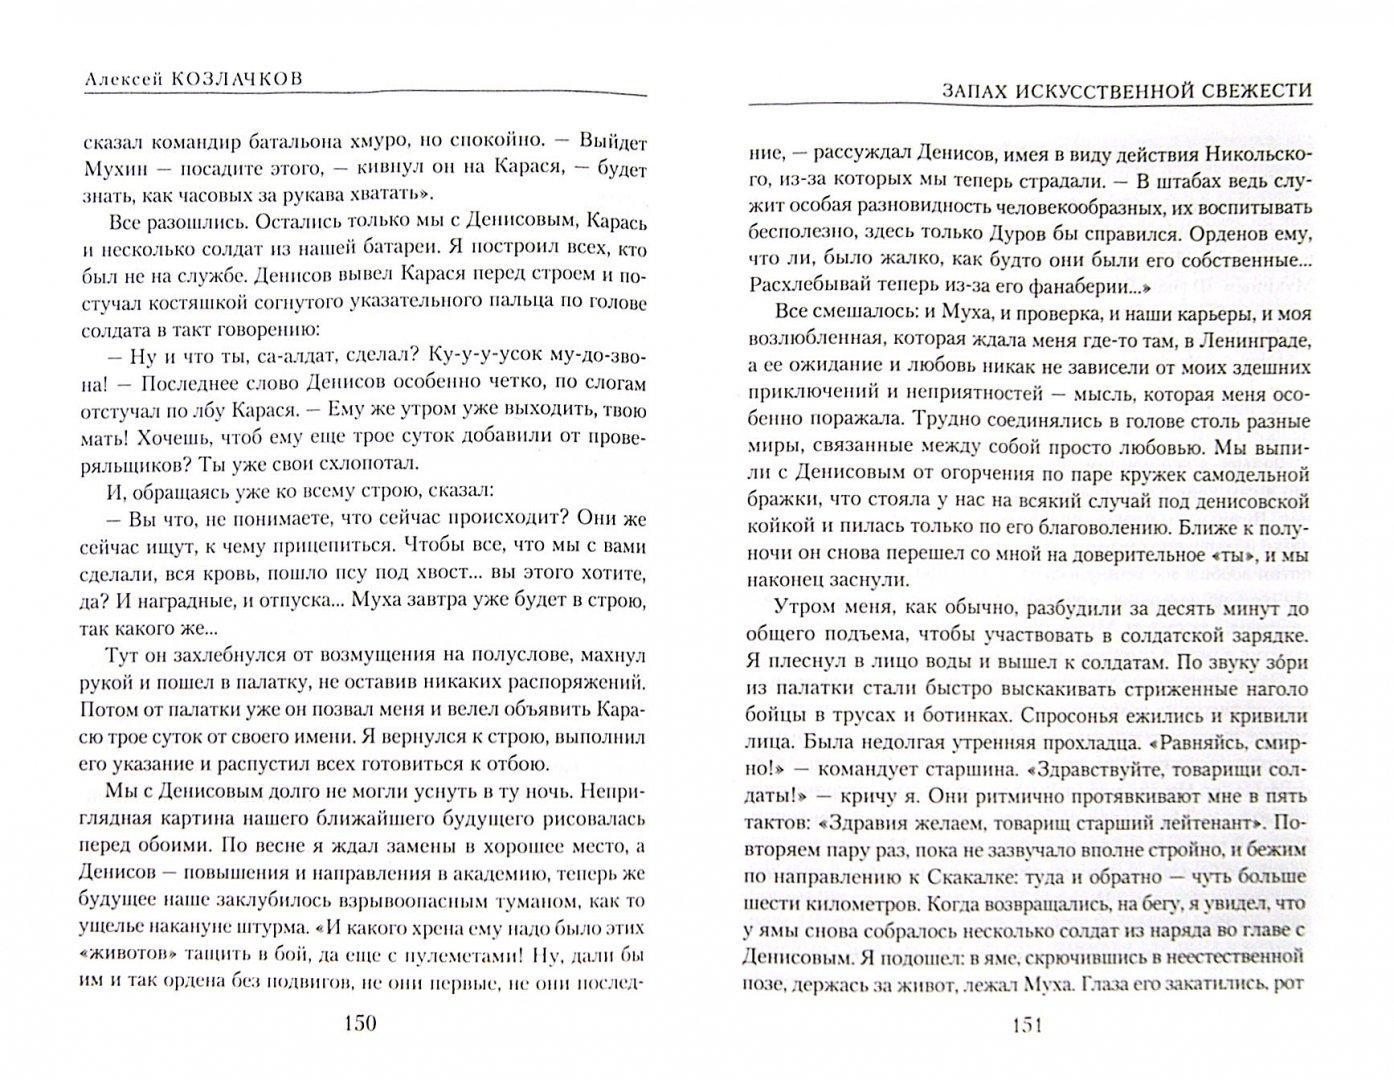 Иллюстрация 1 из 8 для Запах искусственной свежести - Алексей Козлачков   Лабиринт - книги. Источник: Лабиринт